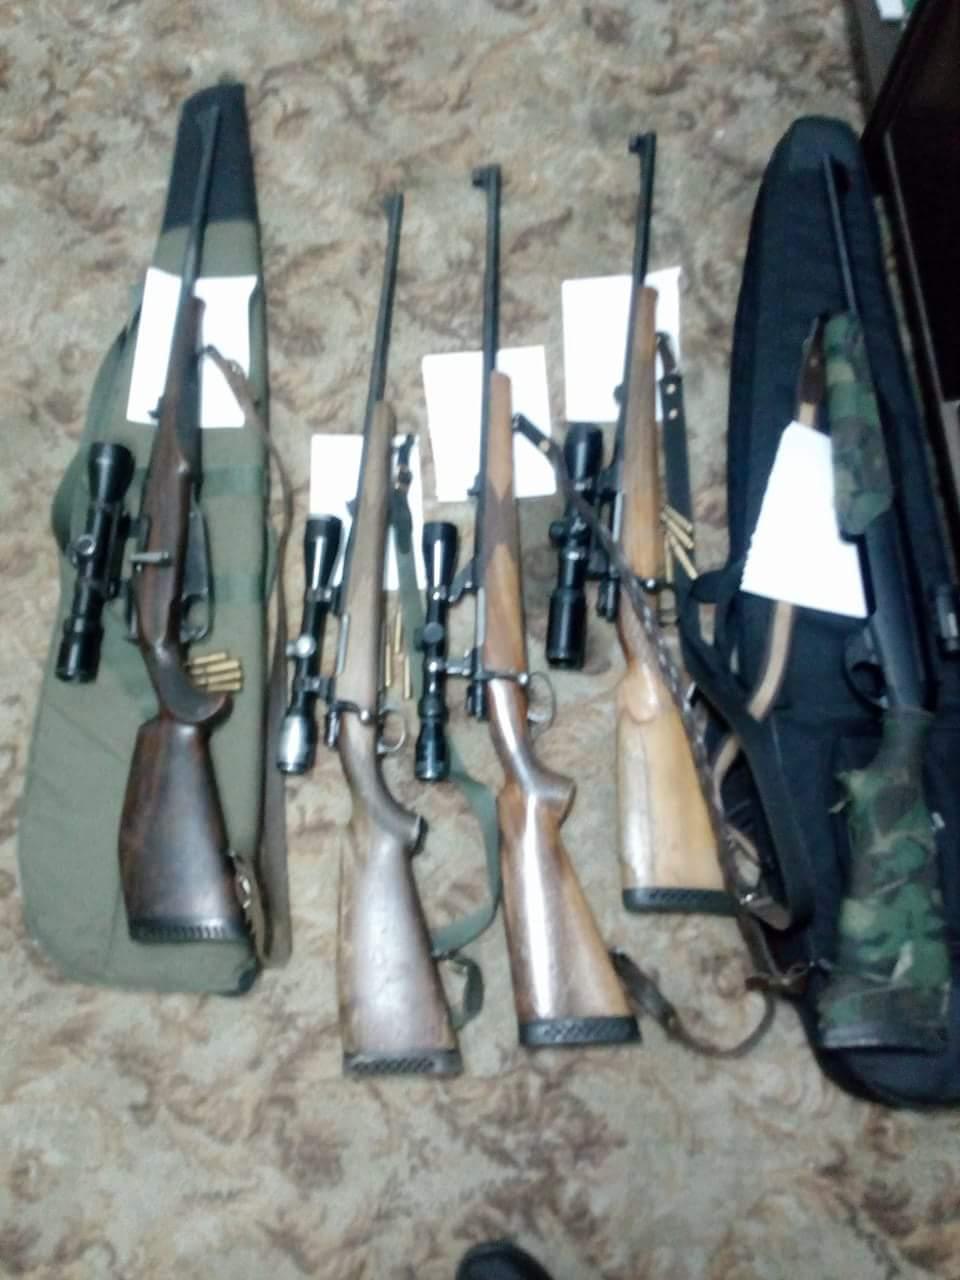 Lovci uhvaćeni u krivolovu